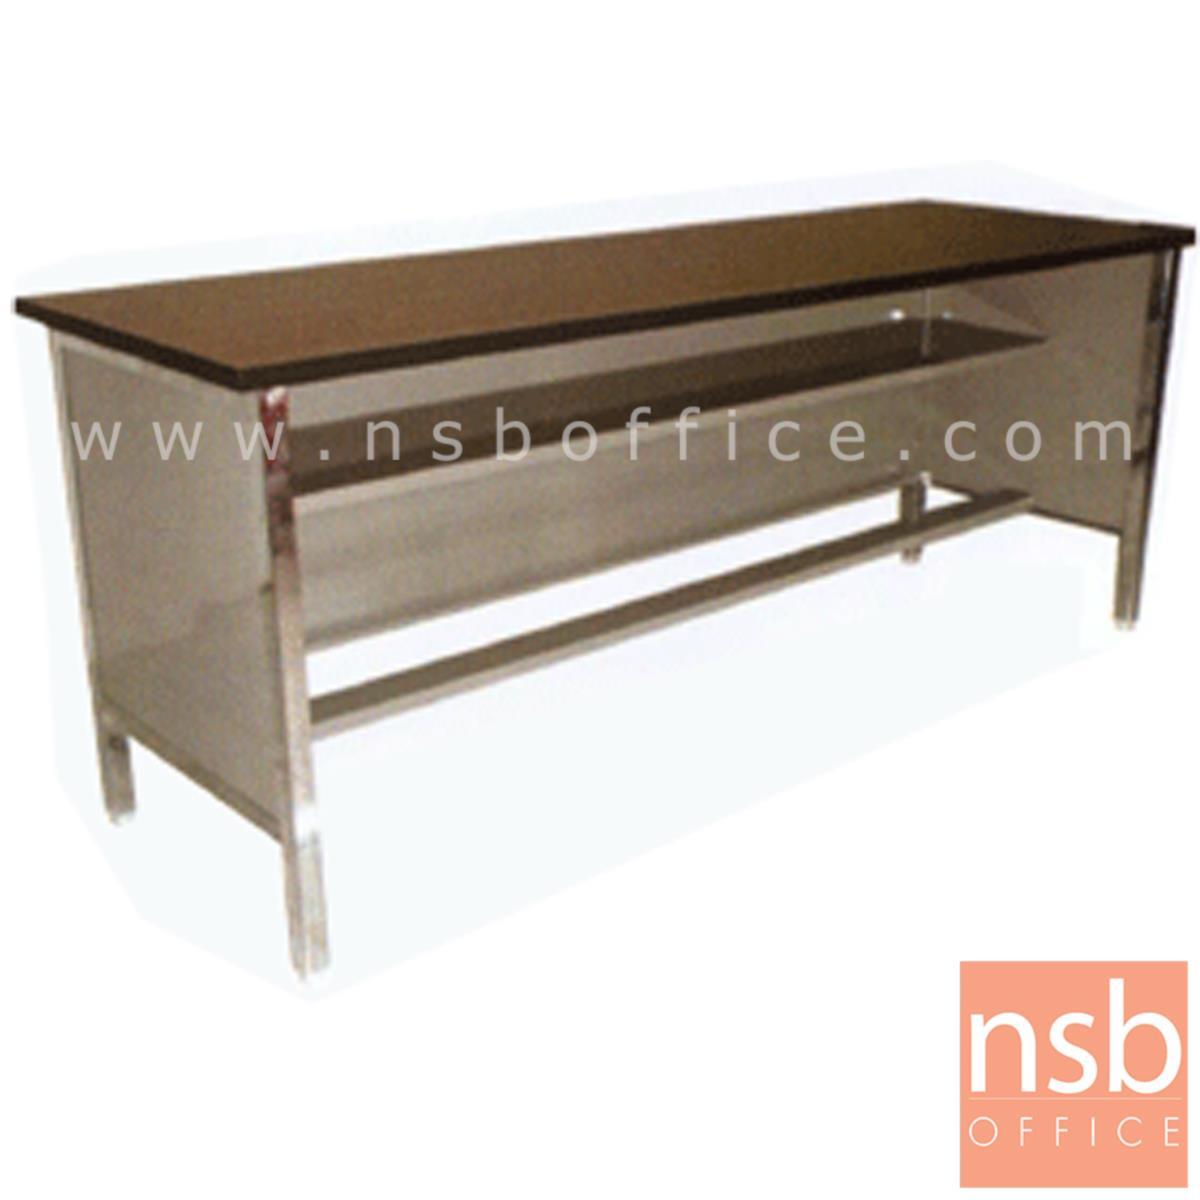 A05A036:โต๊ะประชุมตรง  รุ่น Bina (บีน่า) ขนาด 119.7W ,152.5W ,182.5W*60D cm.  โครงเหล็ก